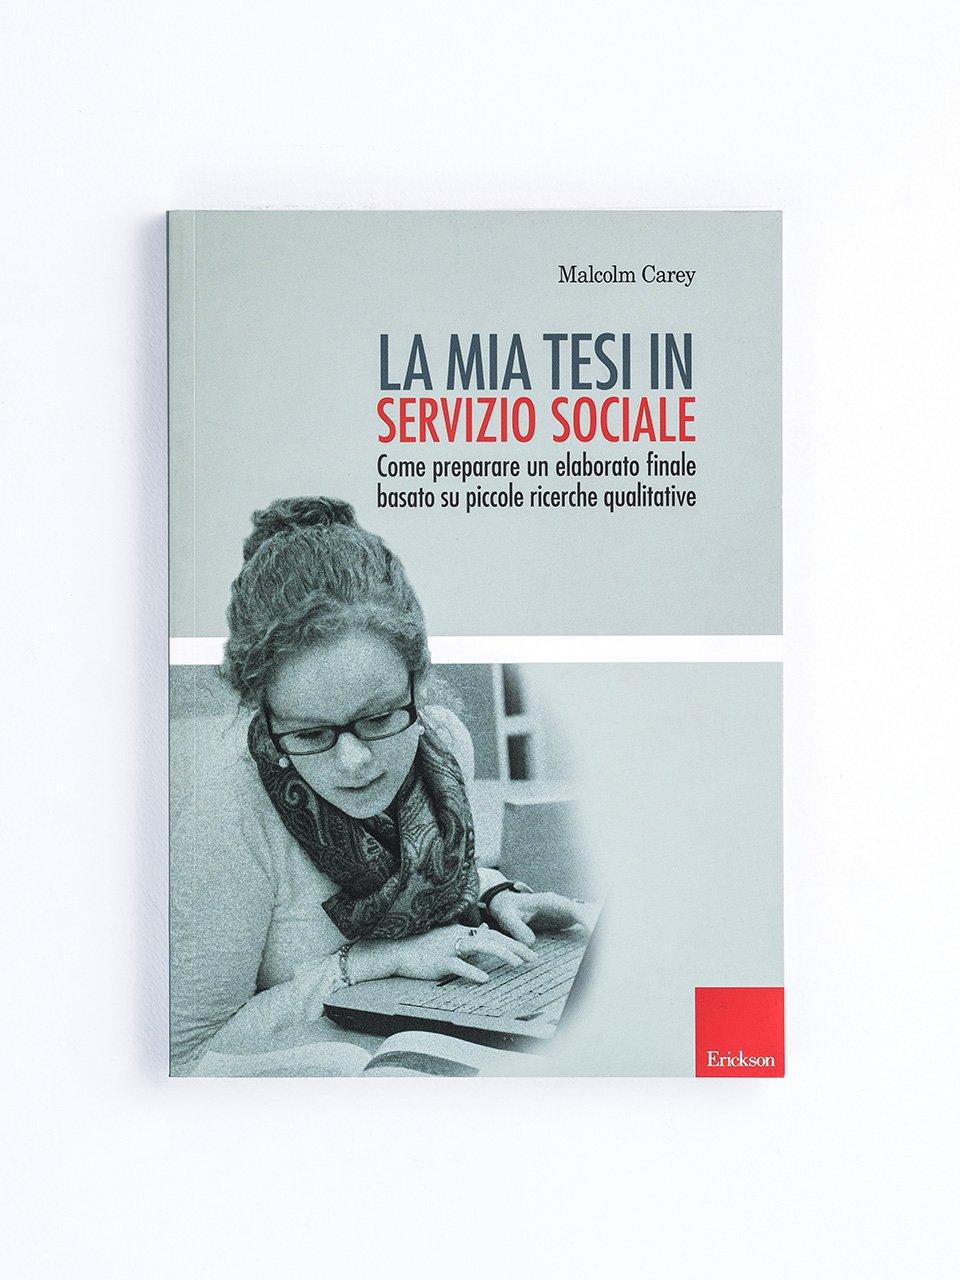 La mia tesi in servizio sociale - Tirocini e stage di servizio sociale - Libri - Erickson